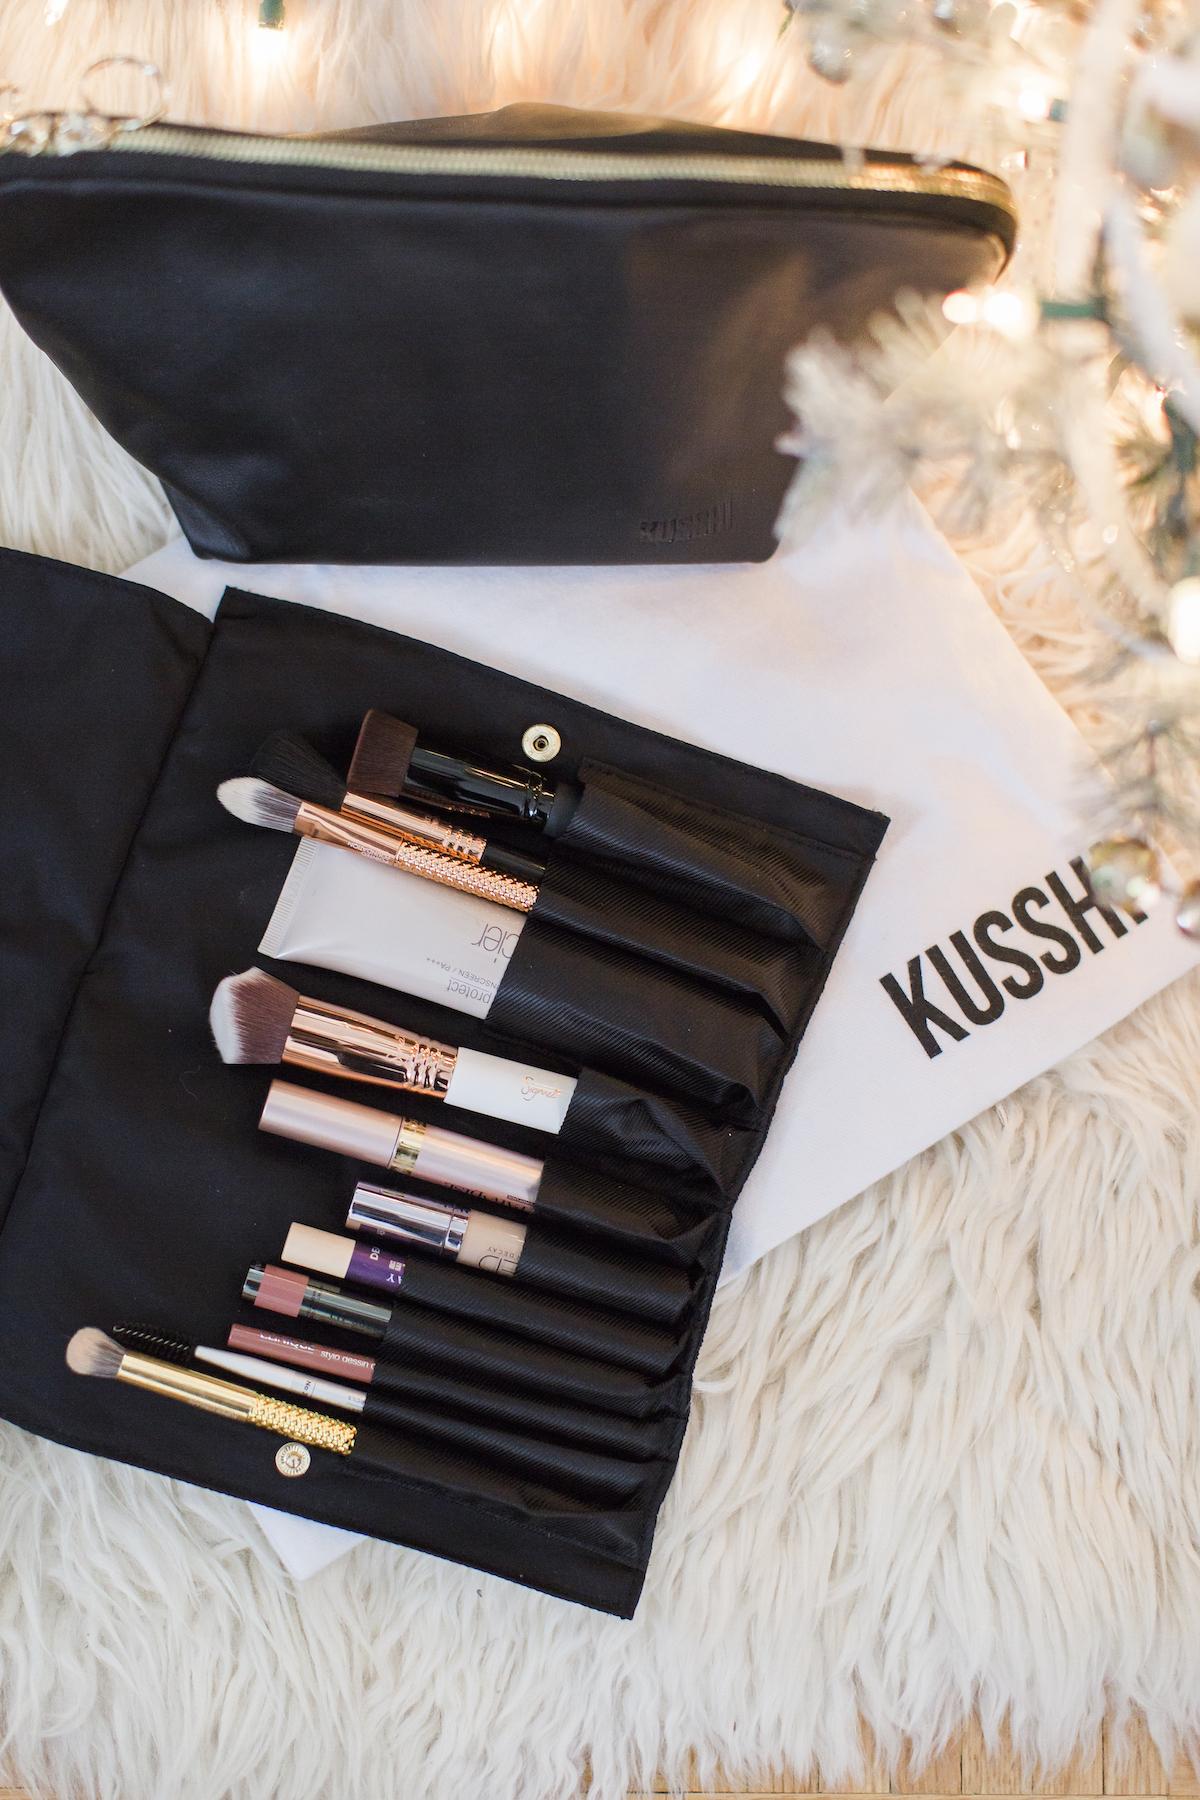 Kusshi Makeup Bag